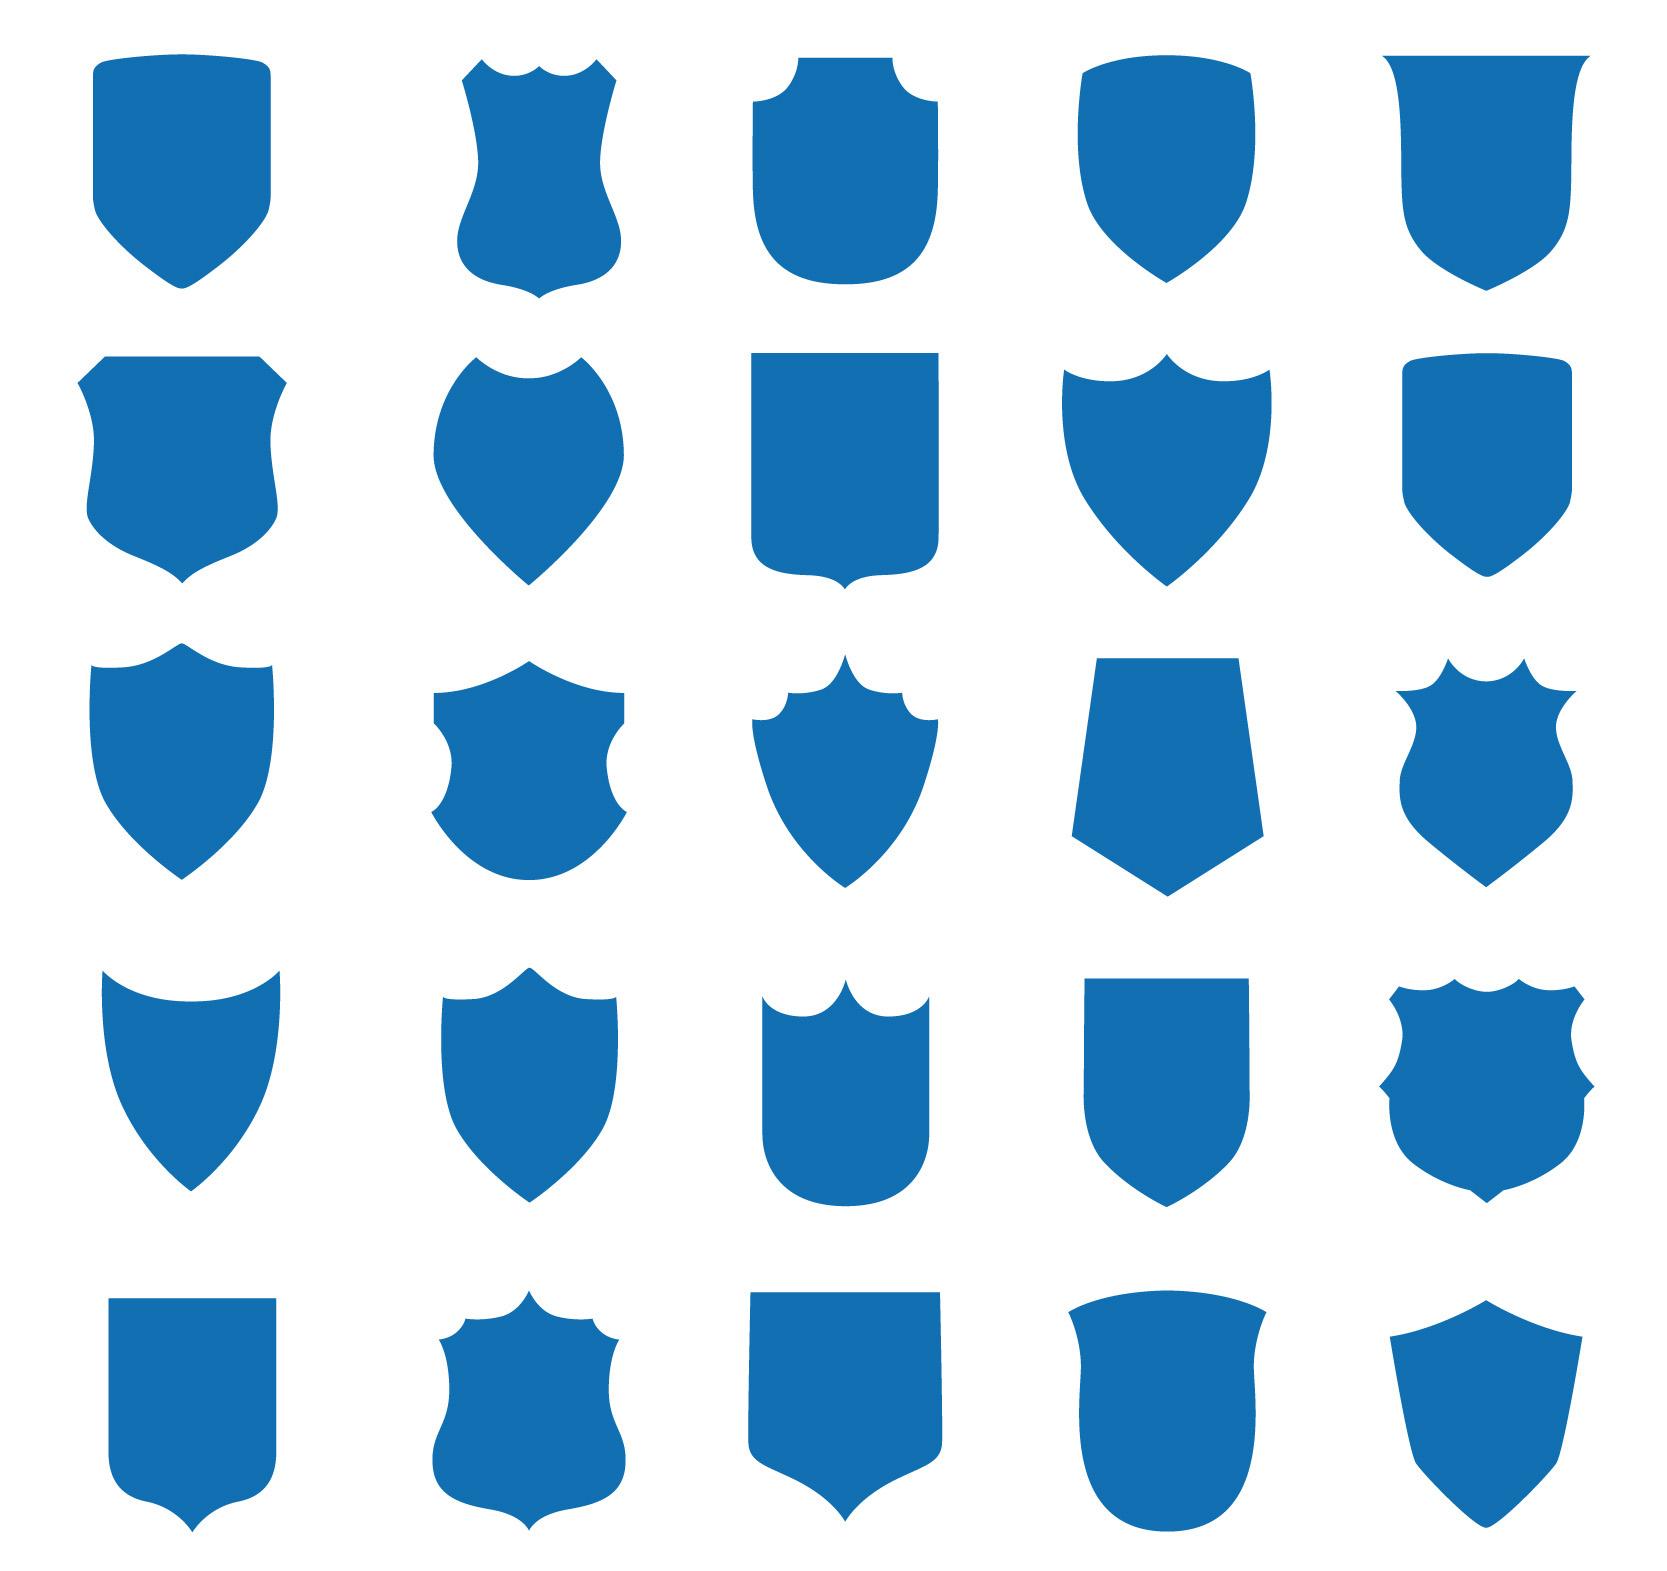 Векторные гербовые щиты разной формы